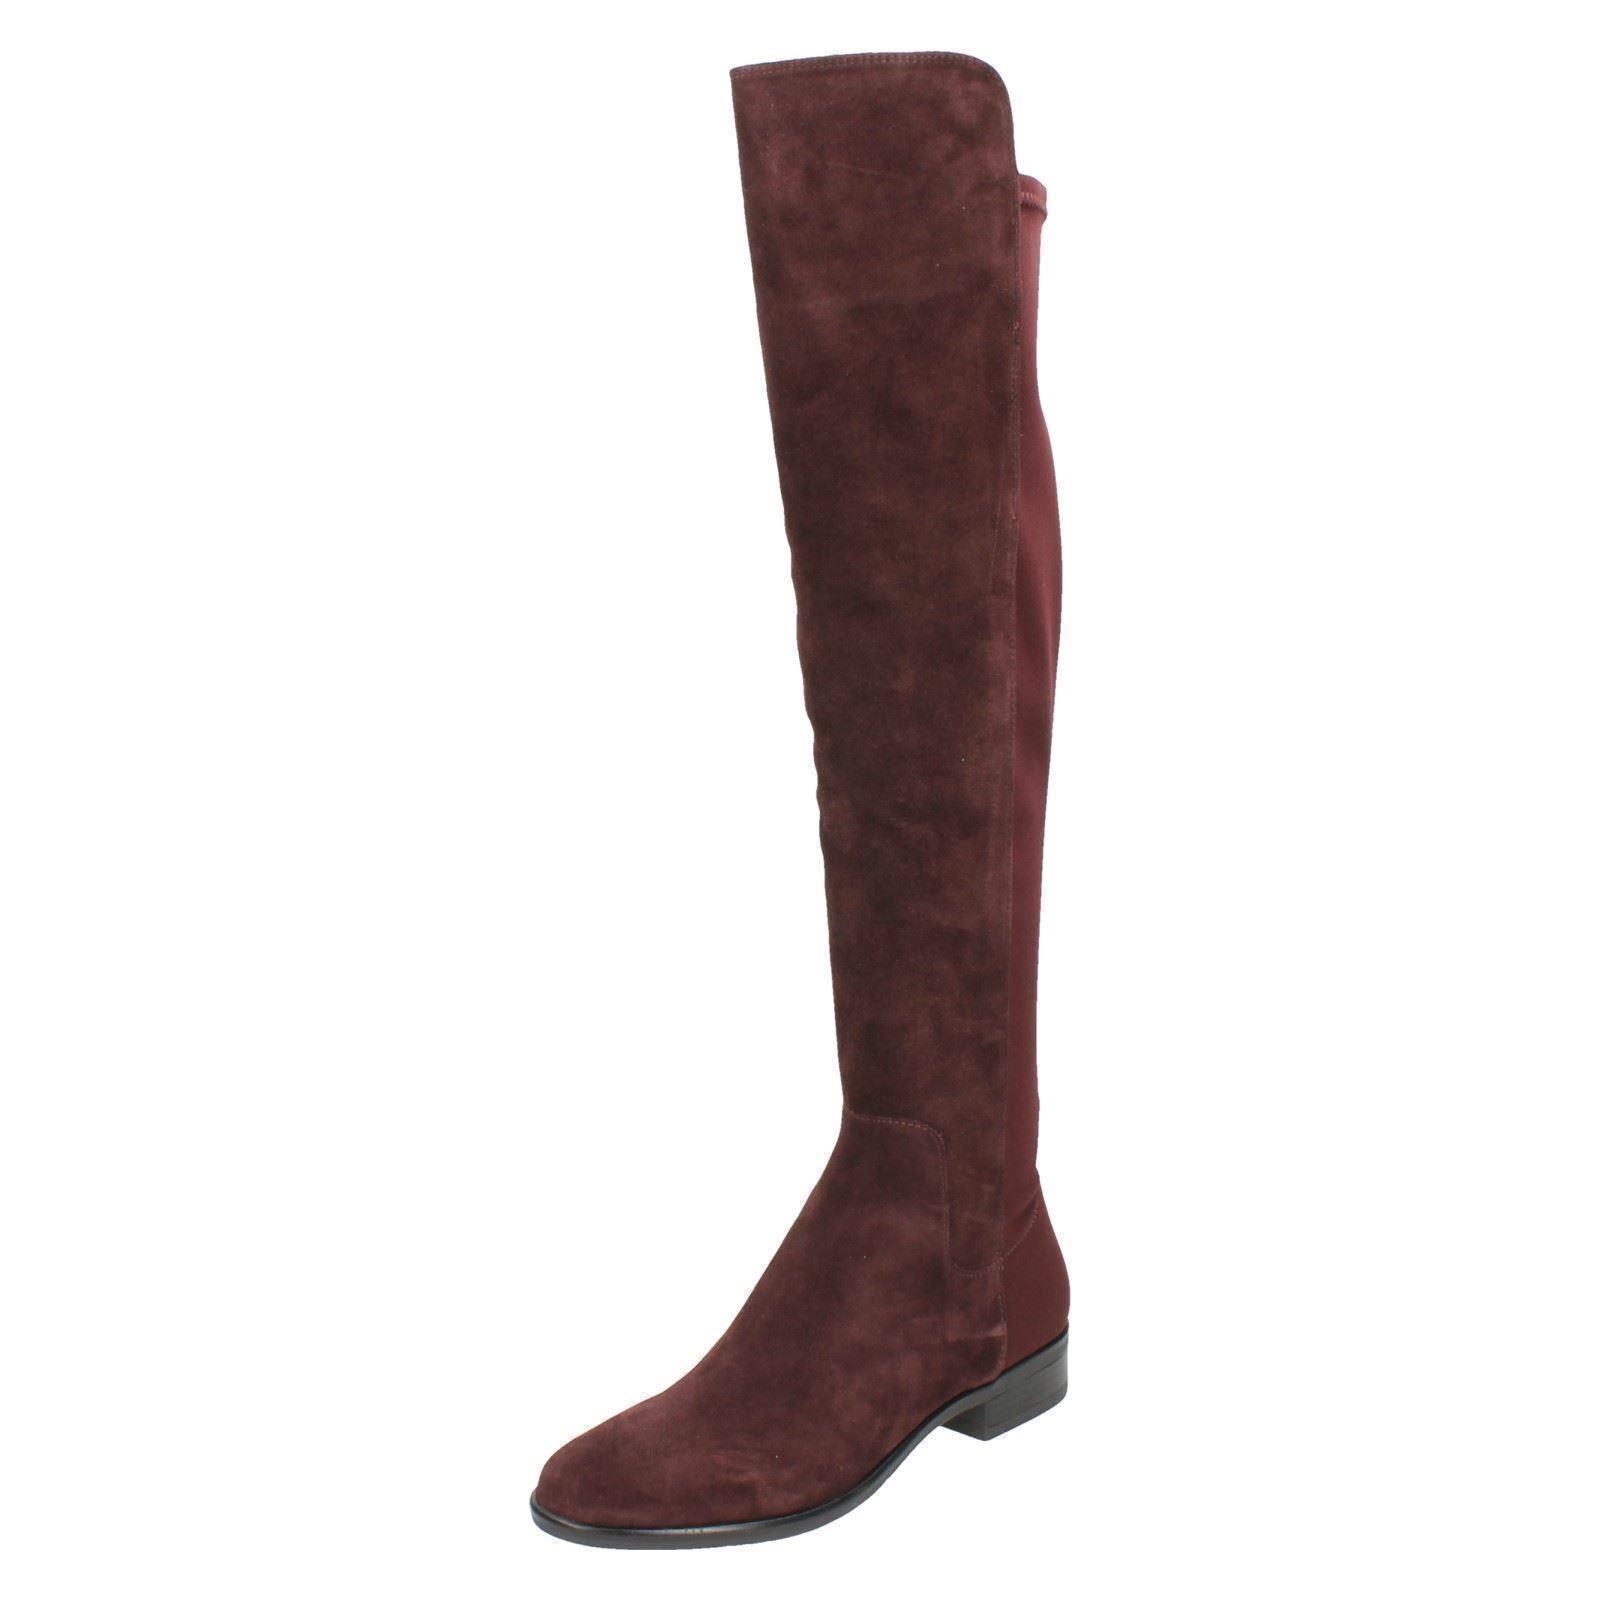 Caddy belle belle belle femme clarks cuir daim hautes à enfiler talon bas bottes cavalières | Technologie Sophistiquée  0c76c1